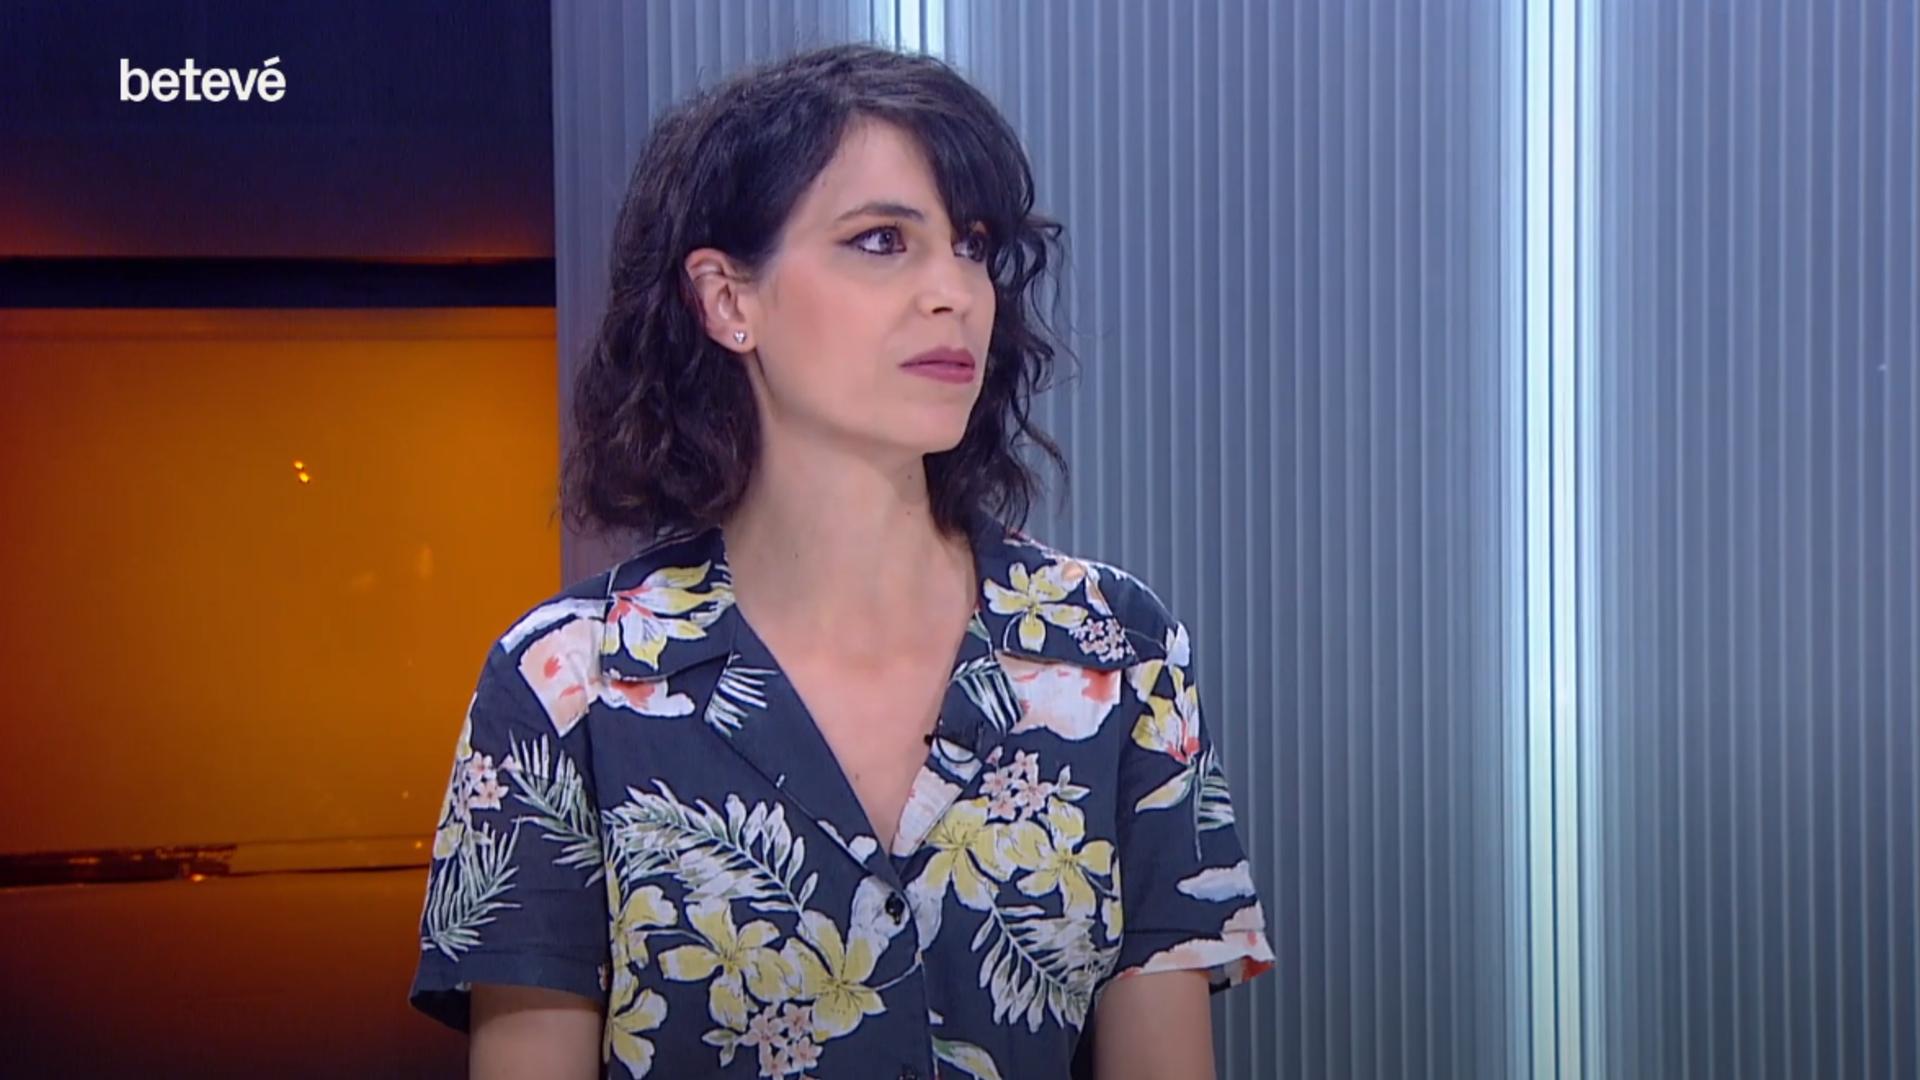 Laia Pujolassos al btvesports en femení